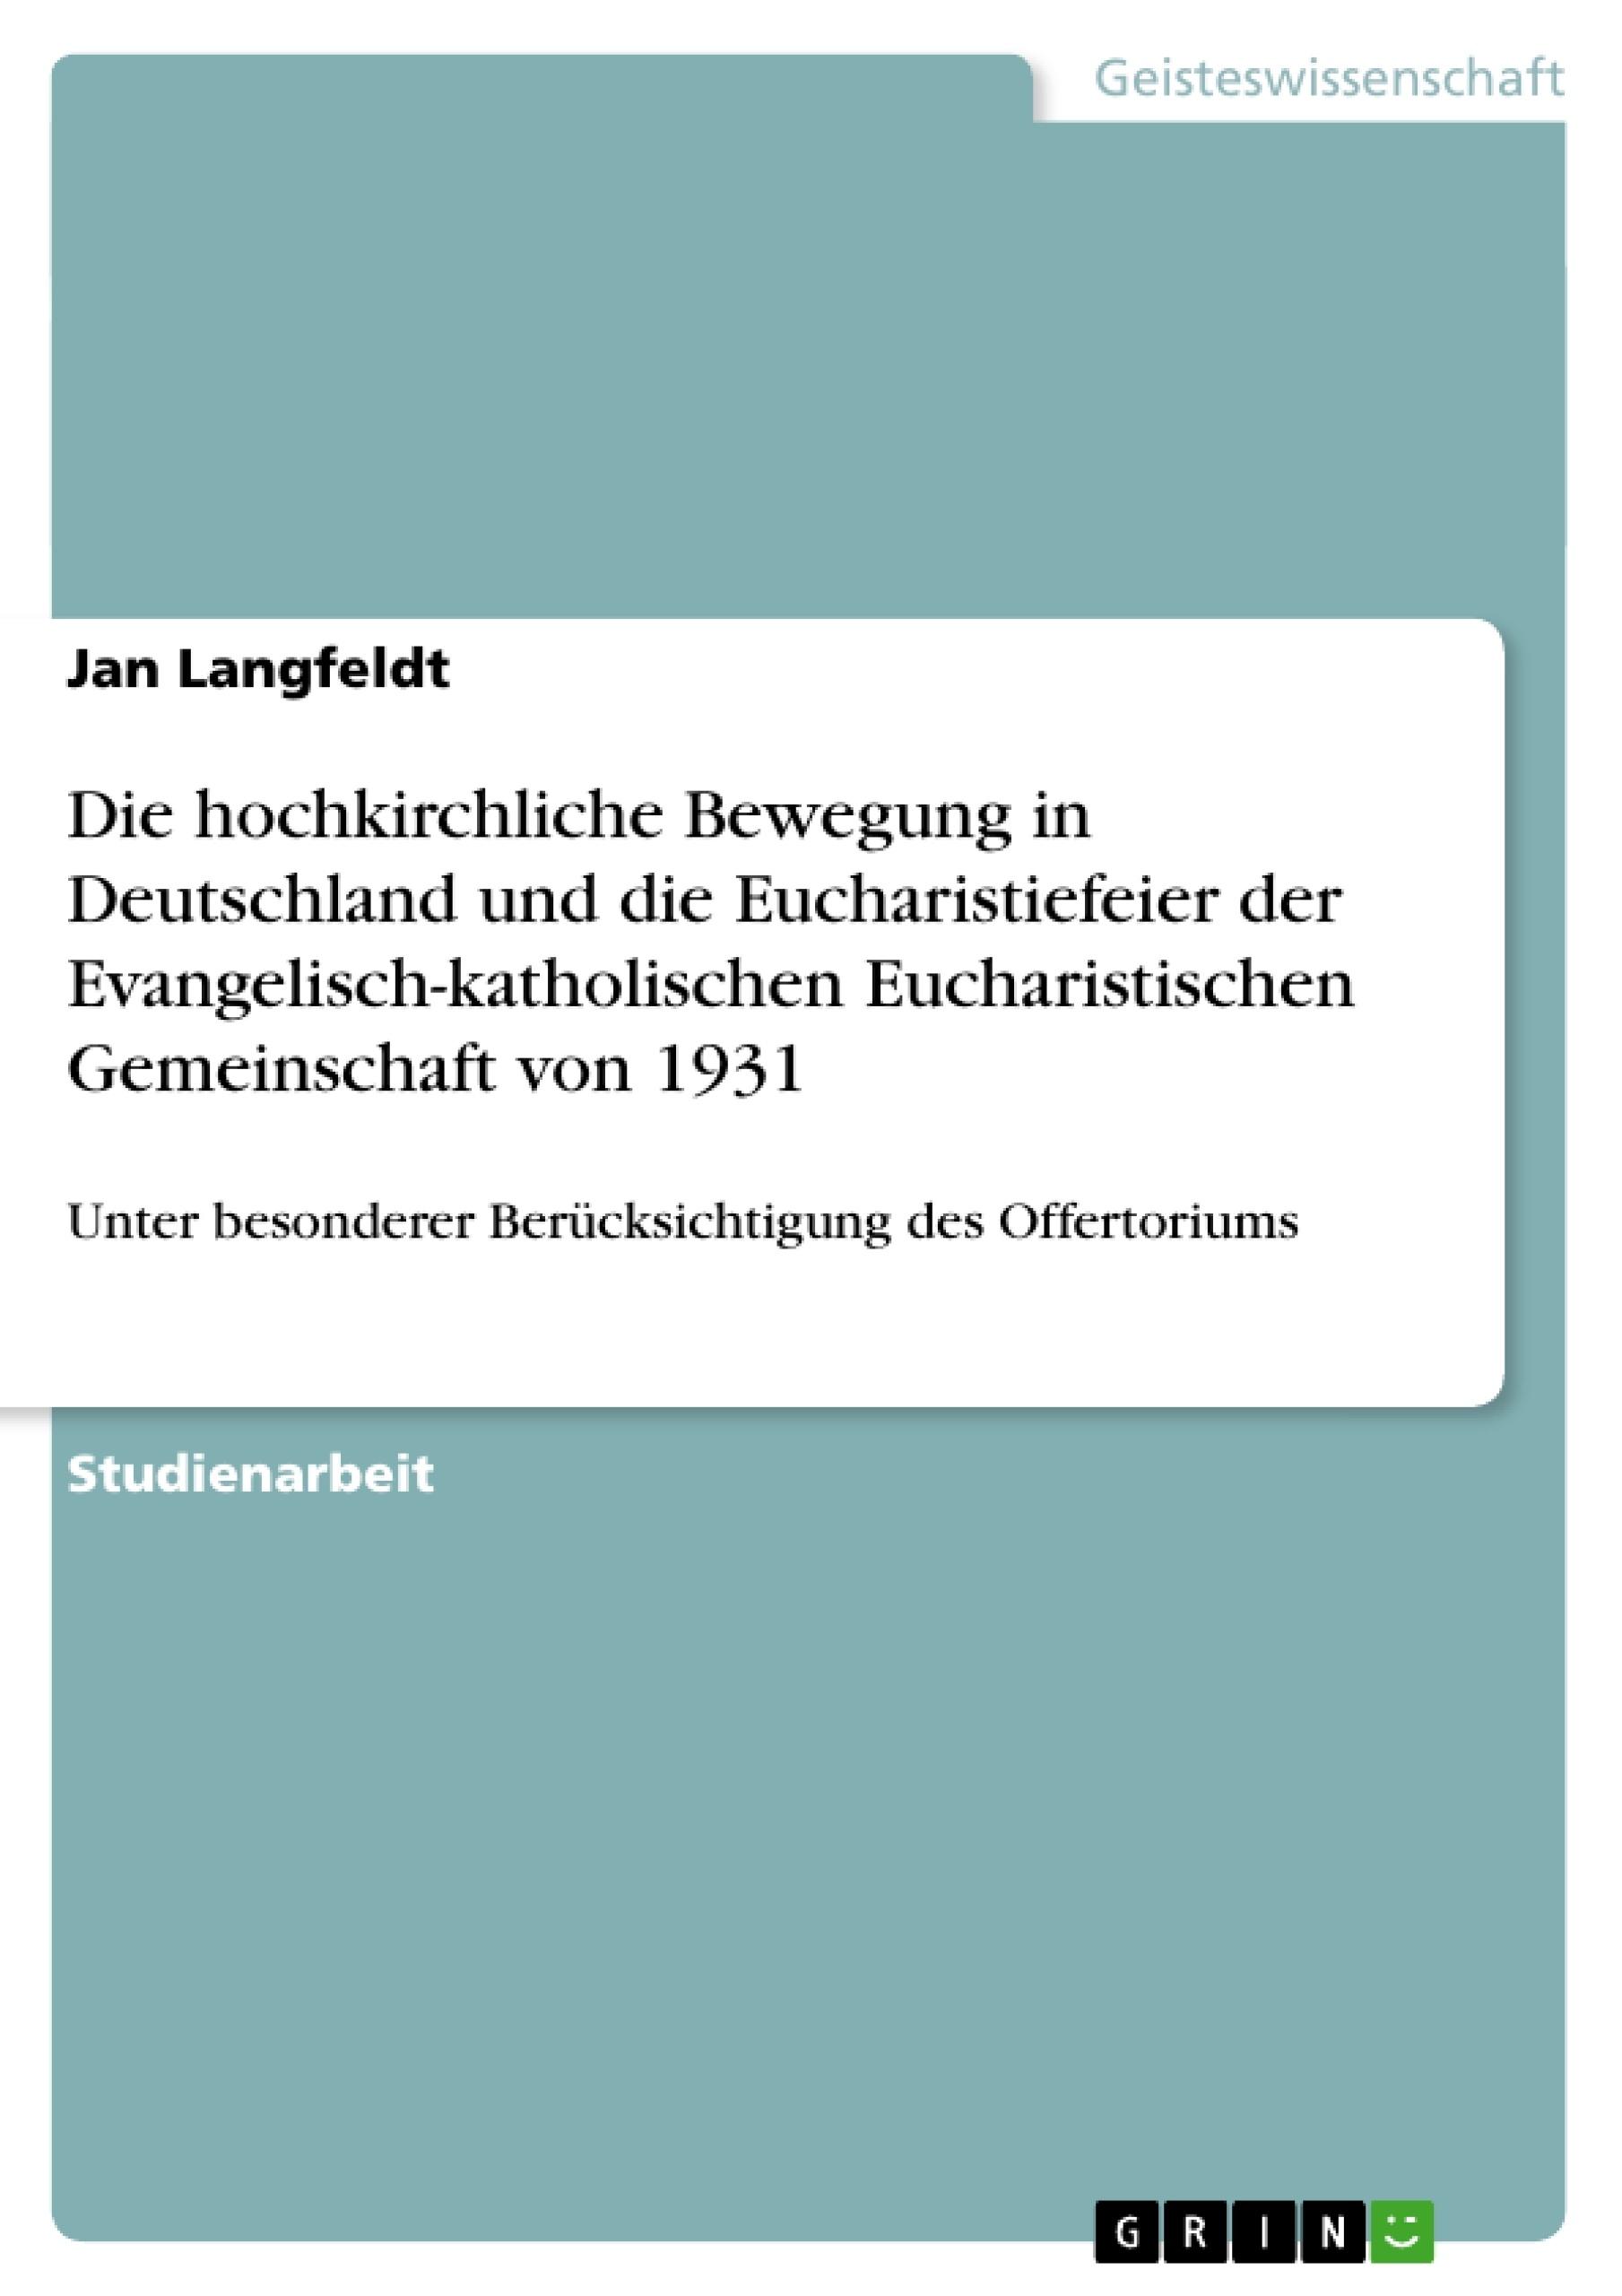 Titel: Die hochkirchliche Bewegung in Deutschland und die Eucharistiefeier der Evangelisch-katholischen Eucharistischen Gemeinschaft von 1931